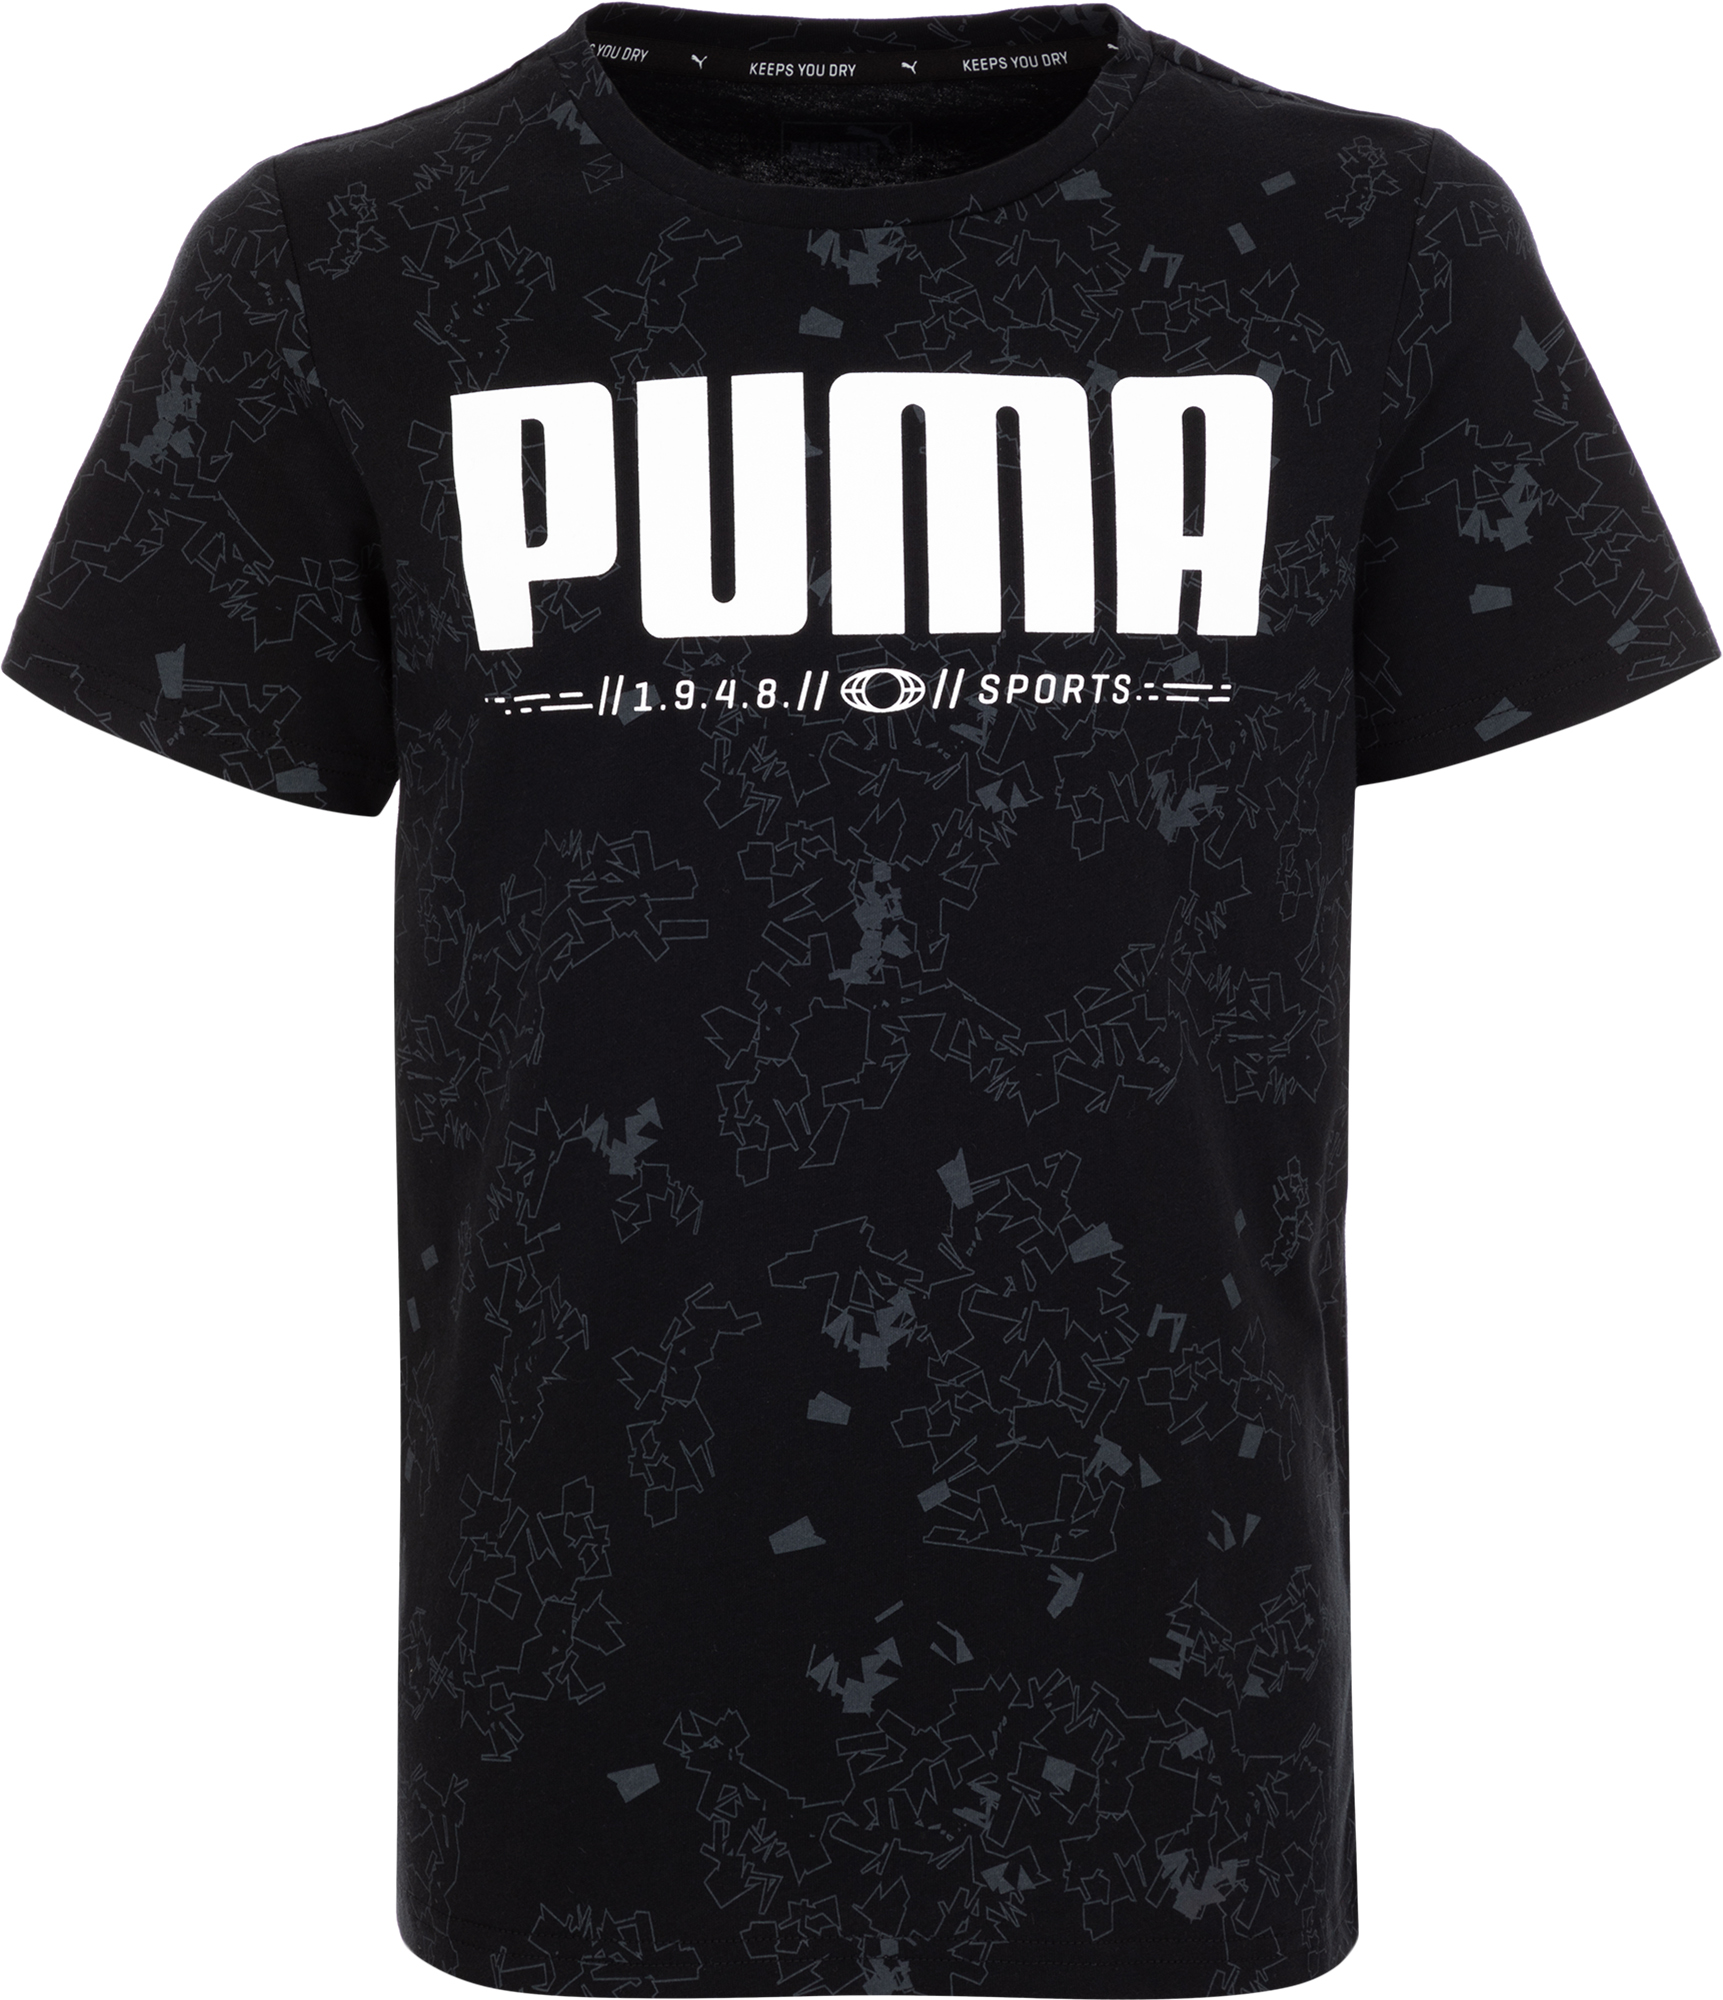 Puma Футболка для мальчиков Puma Active Tee AOP, размер 164